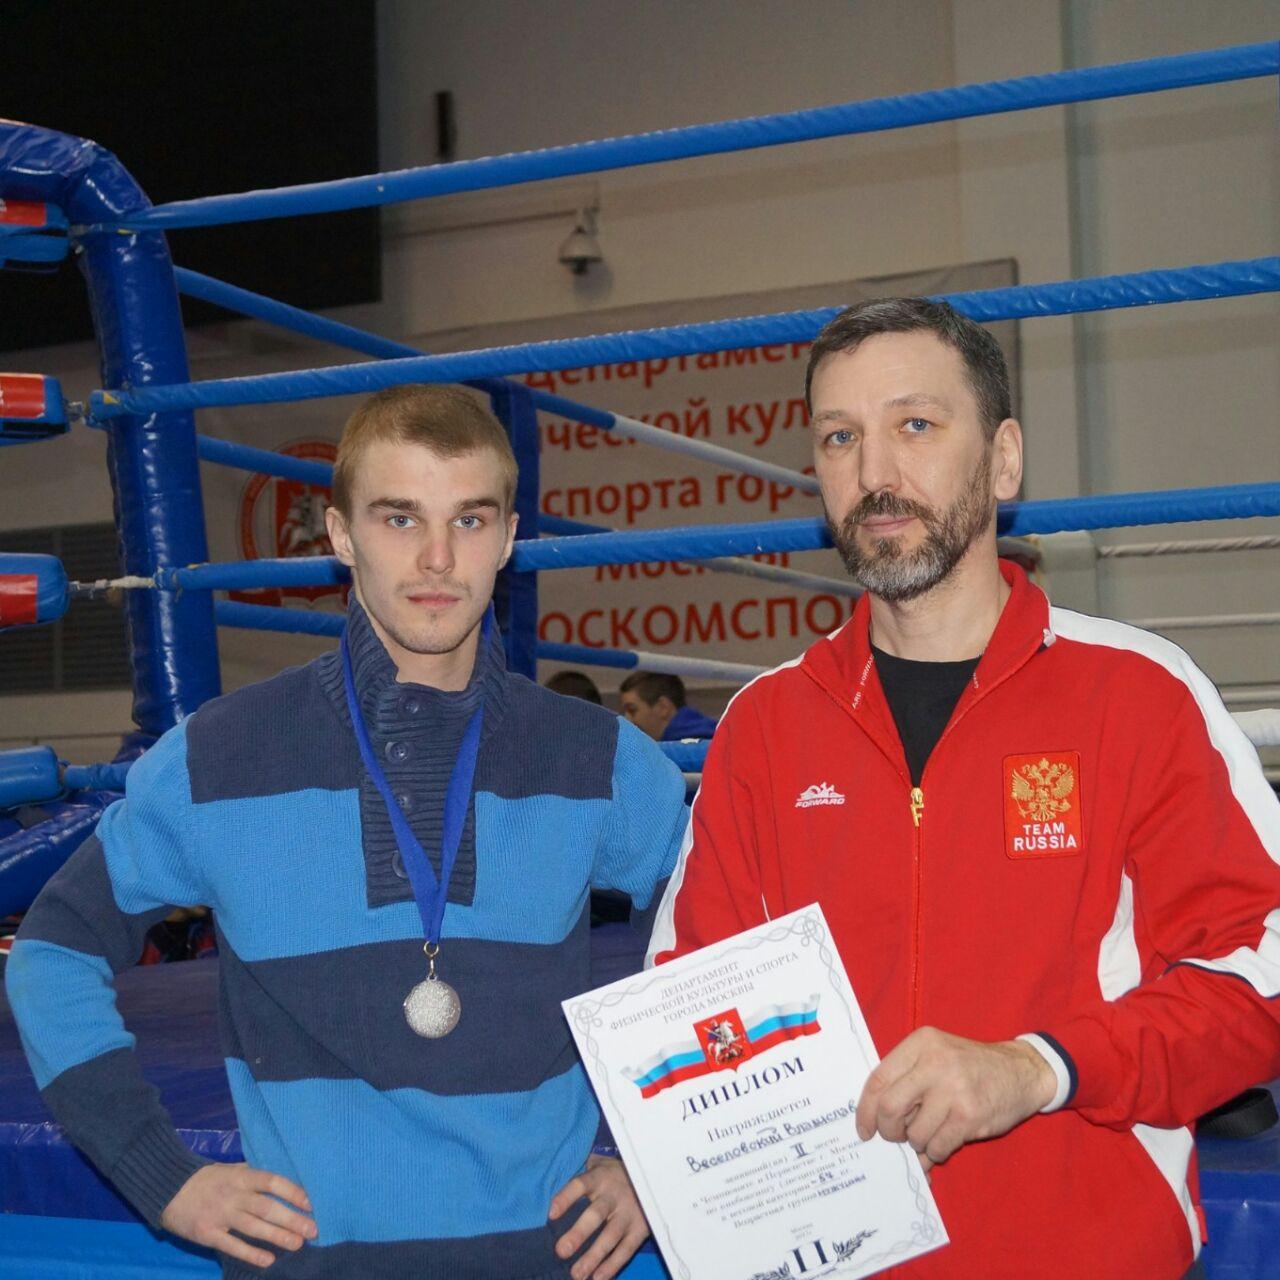 Поздравляем Веселовского Владислава с победой на Чемпионате Москвы по Кикбоксингу